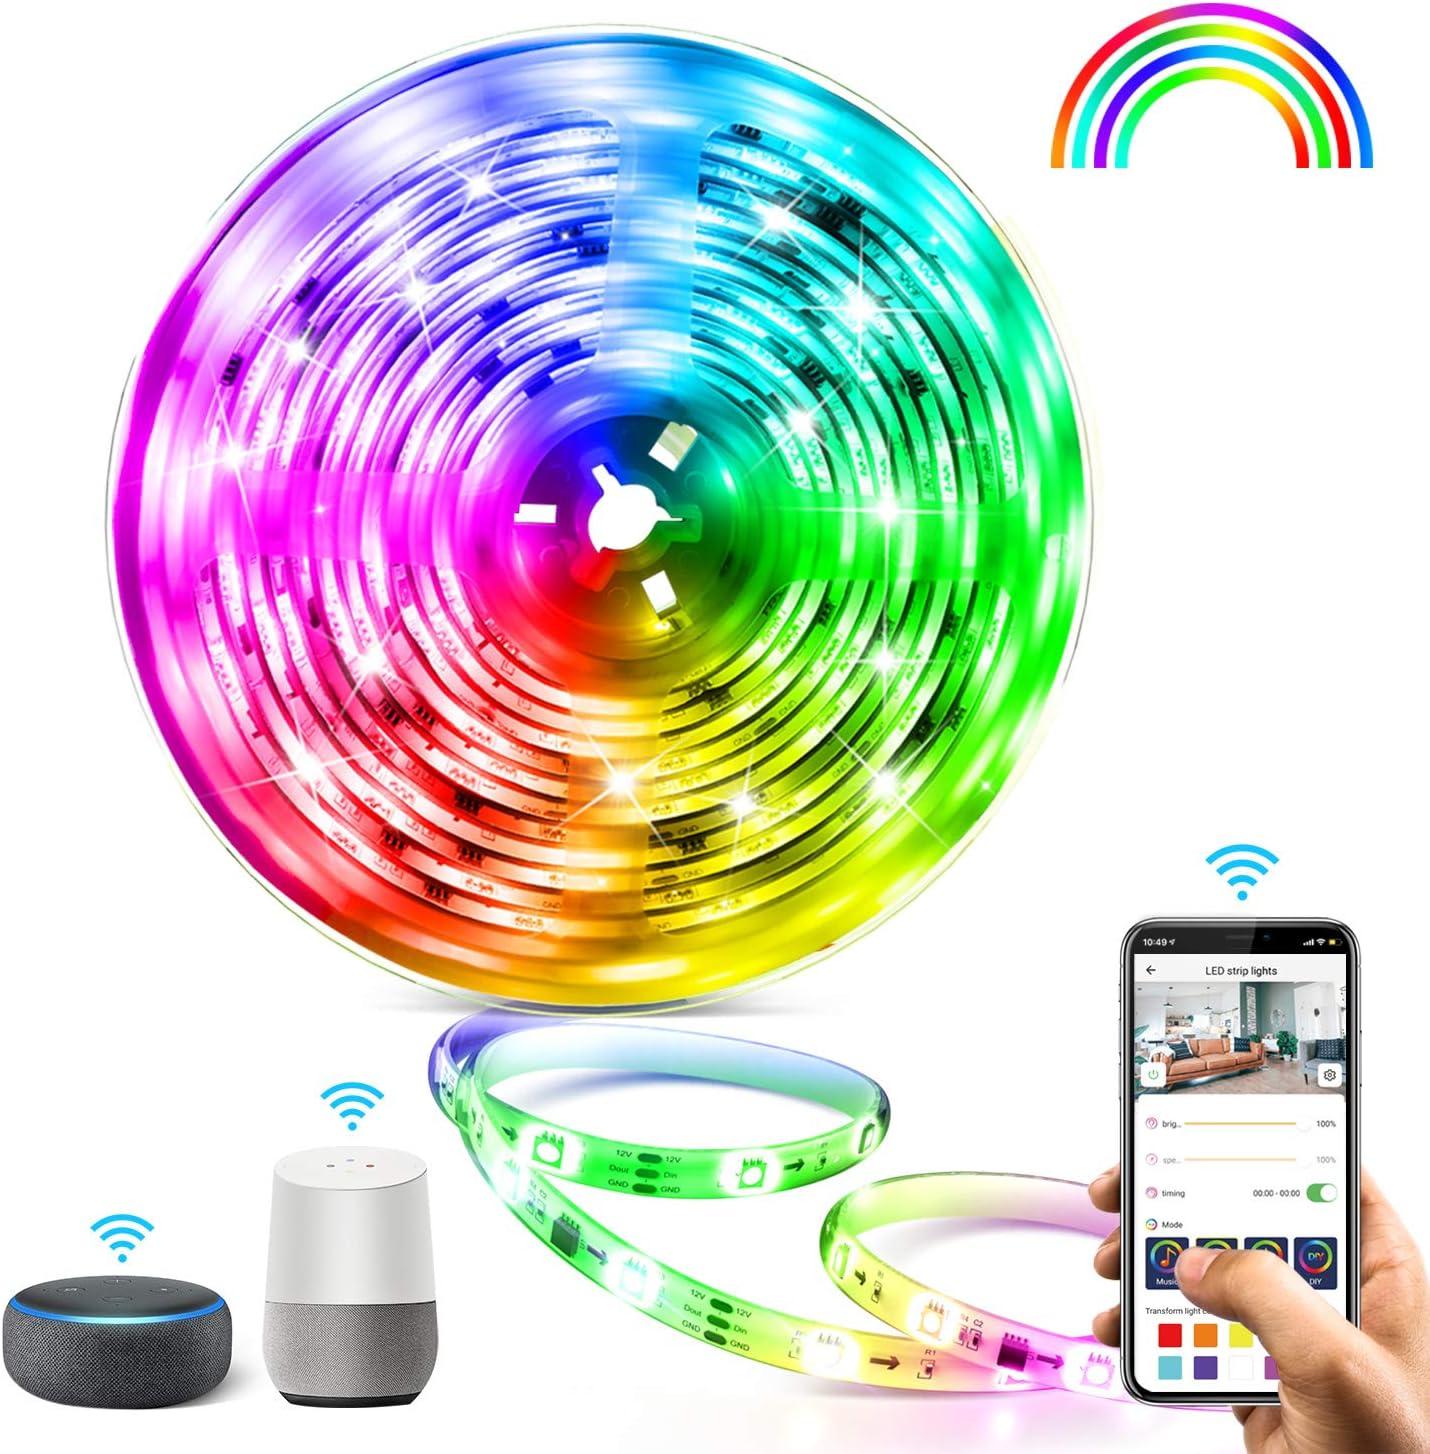 5M WIFI Tira LED RGB Aerb, Luces LED Smart de 16 millones de colores, Sincroniza con la Música, Control de voz, Program Persanalizado, Compatibles con Alexa y Google Assitant, Echo, Para Decoración